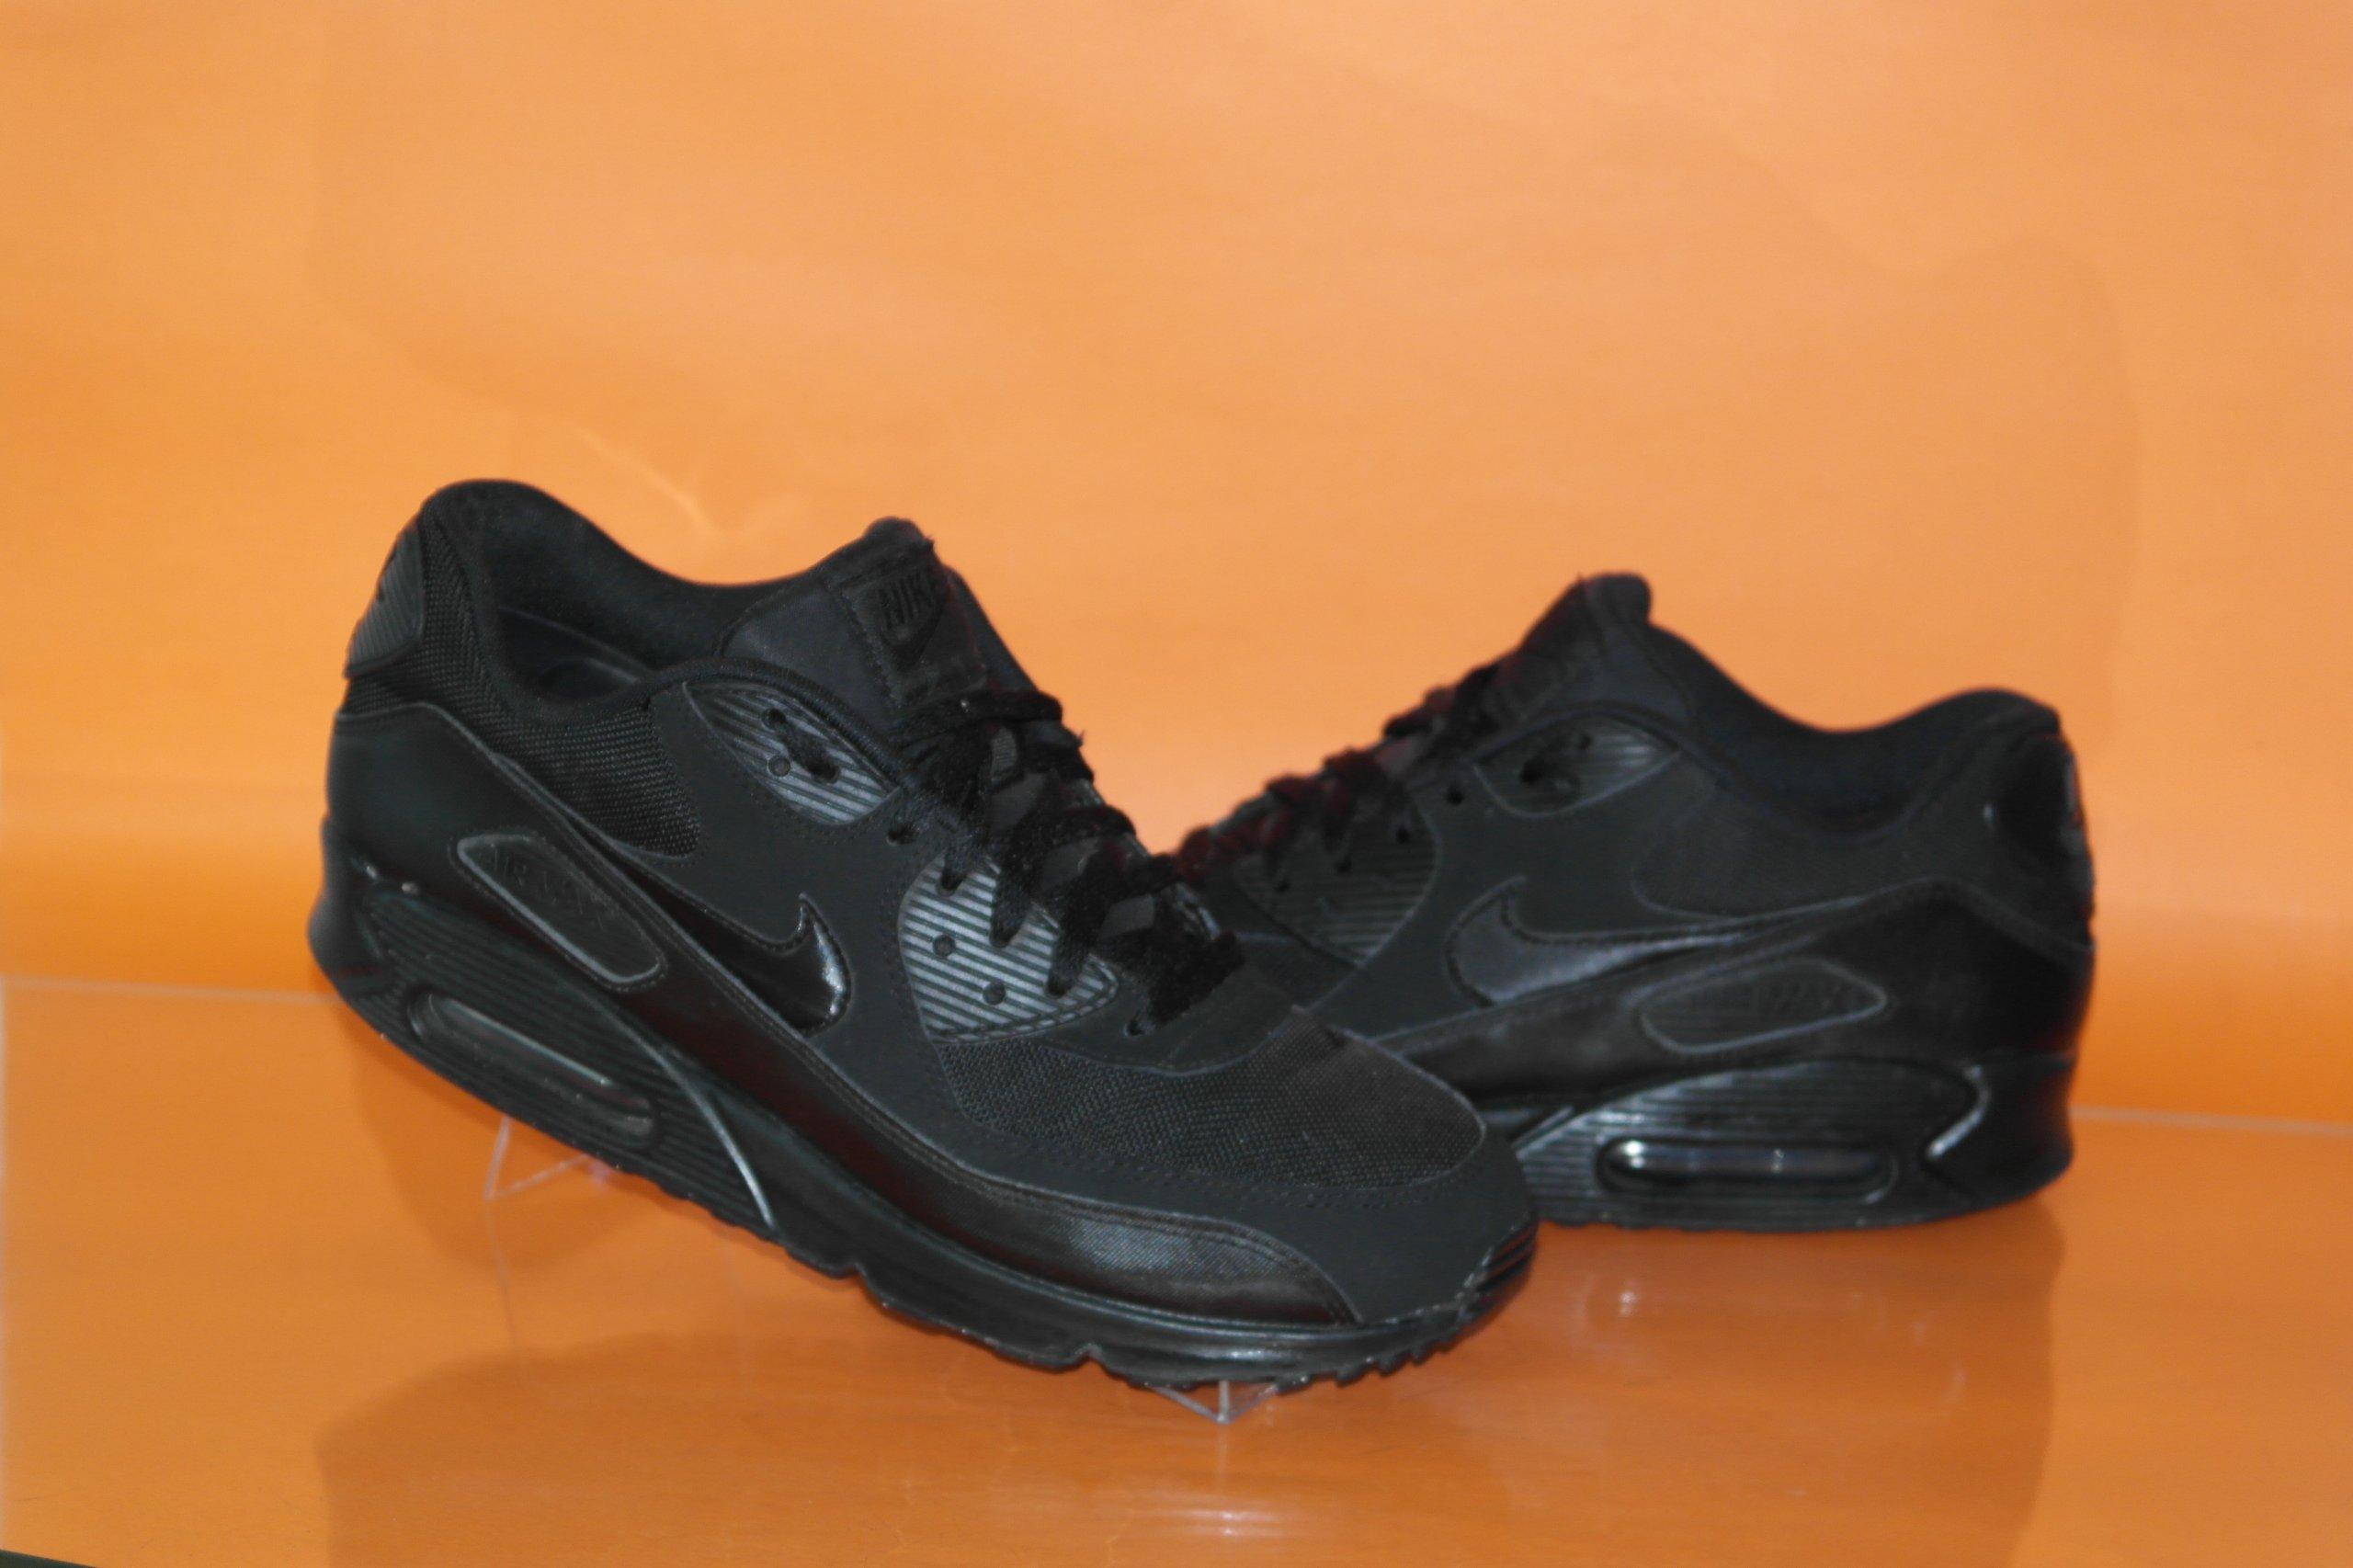 Buty sportowe męskie Rozmiar 44,5 Model Nike Air Max 90